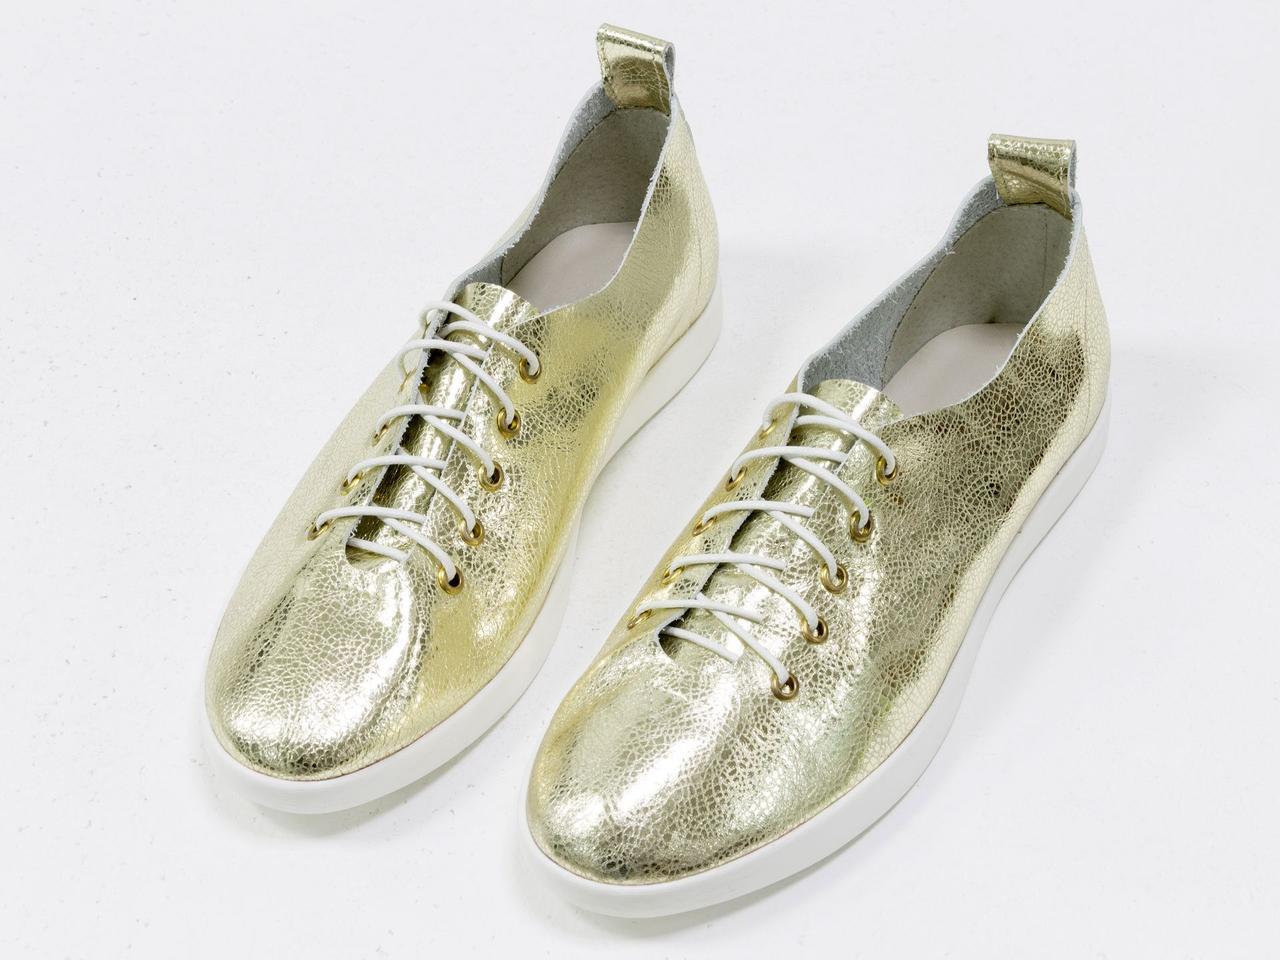 Невероятно легкие туфли-кеды из натуральной кожи золотого цвета на яркой белой подошве - фото 5